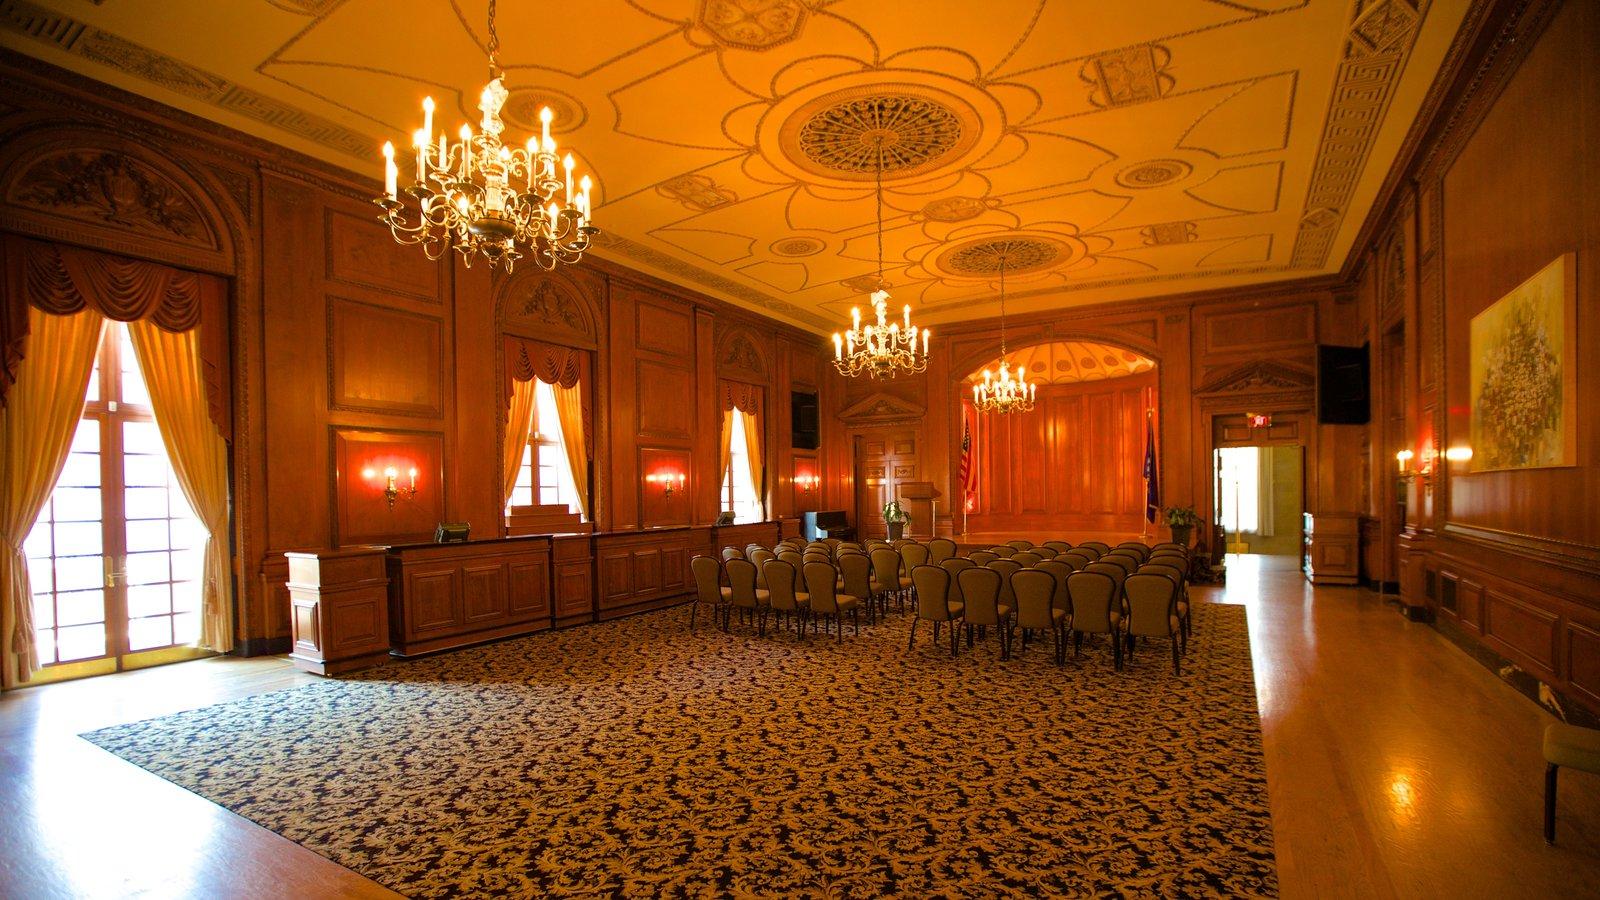 Bushnell Center for the Performing Arts mostrando arquitetura de patrimônio e vistas internas